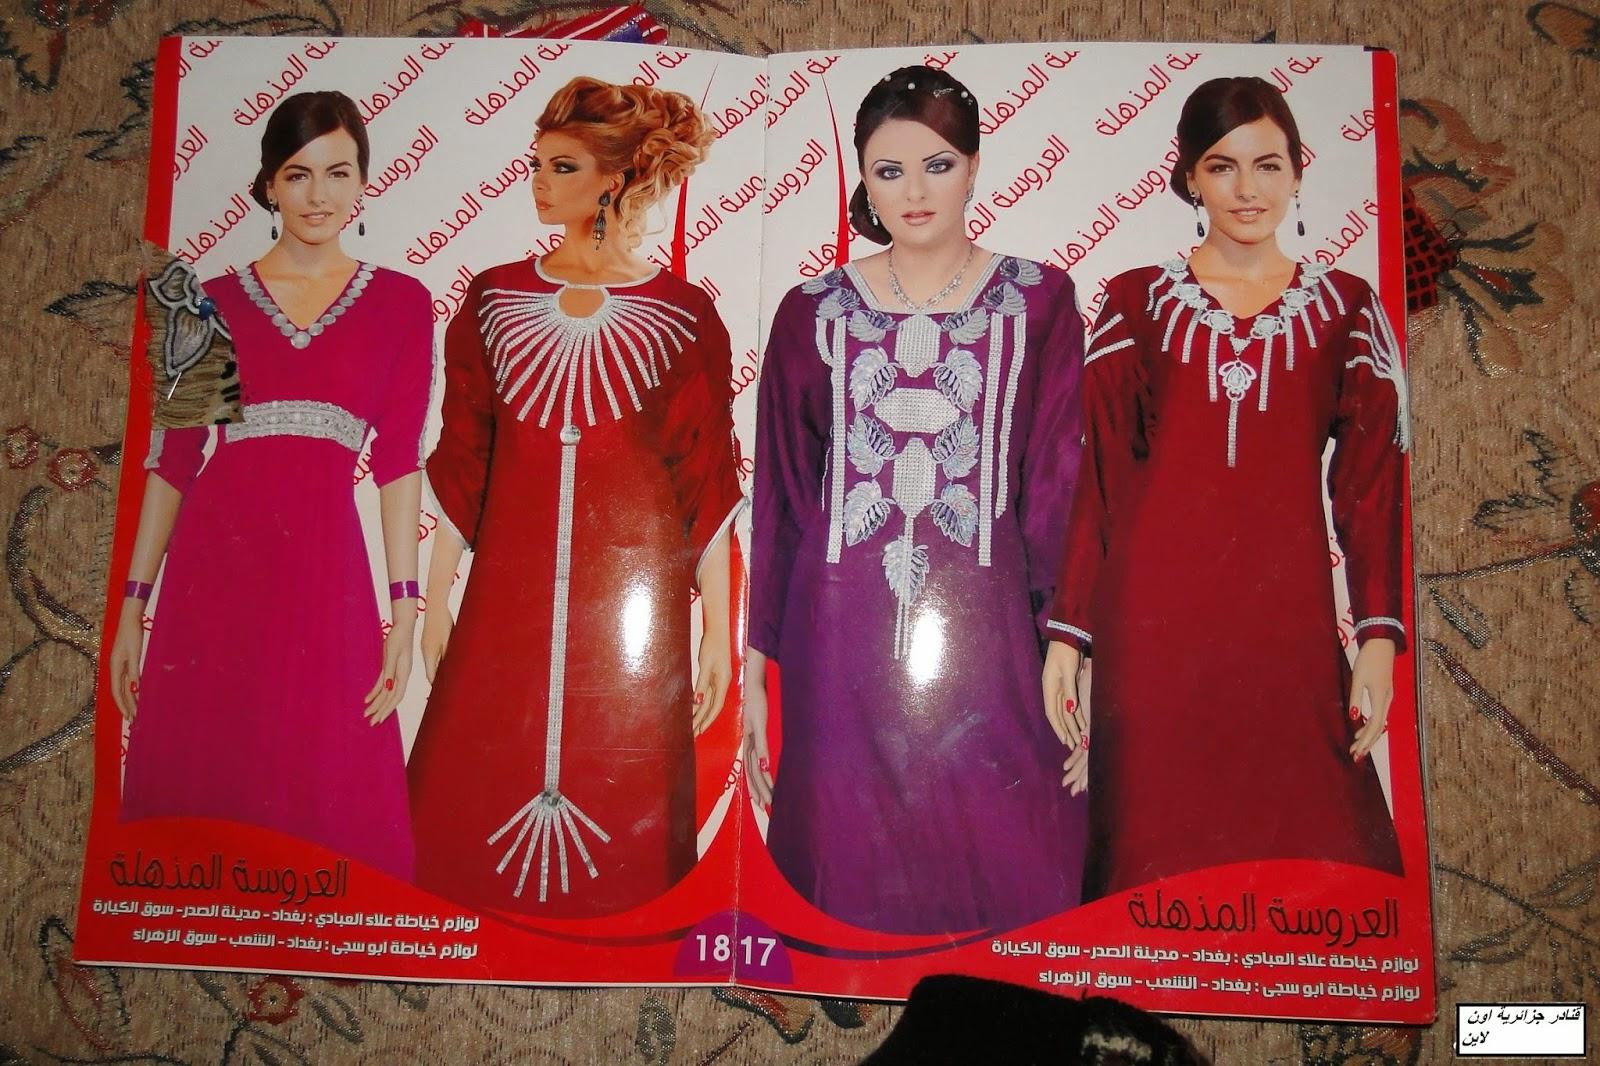 صورة ملابس من الجزائر , فساتين تراثيه للبنت الجزائريه